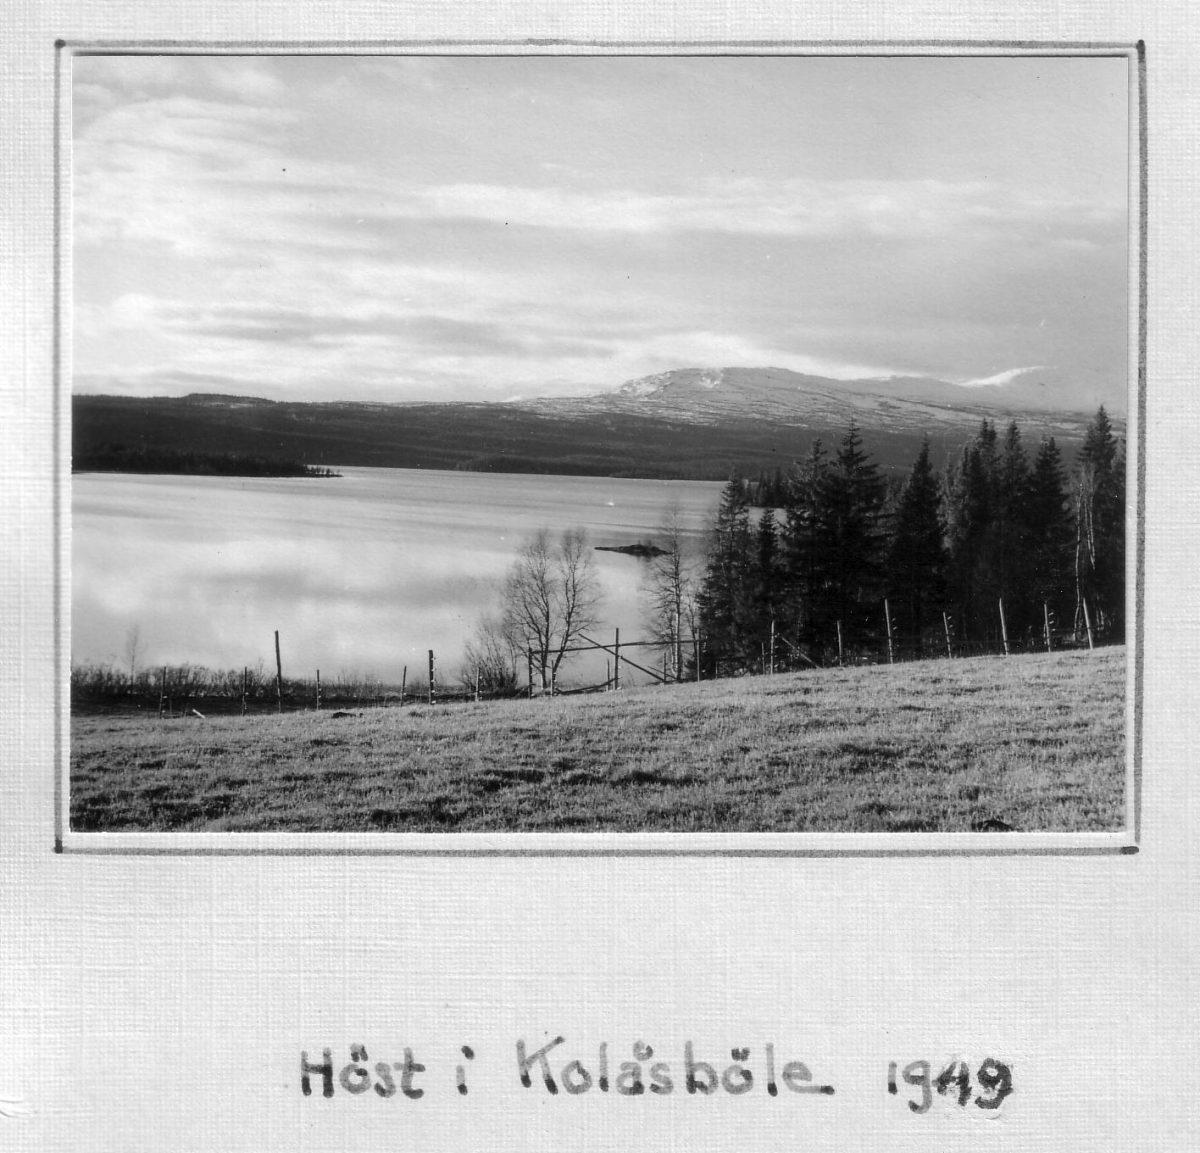 S.21 Höst i kolåsböle 1949 Bild 1